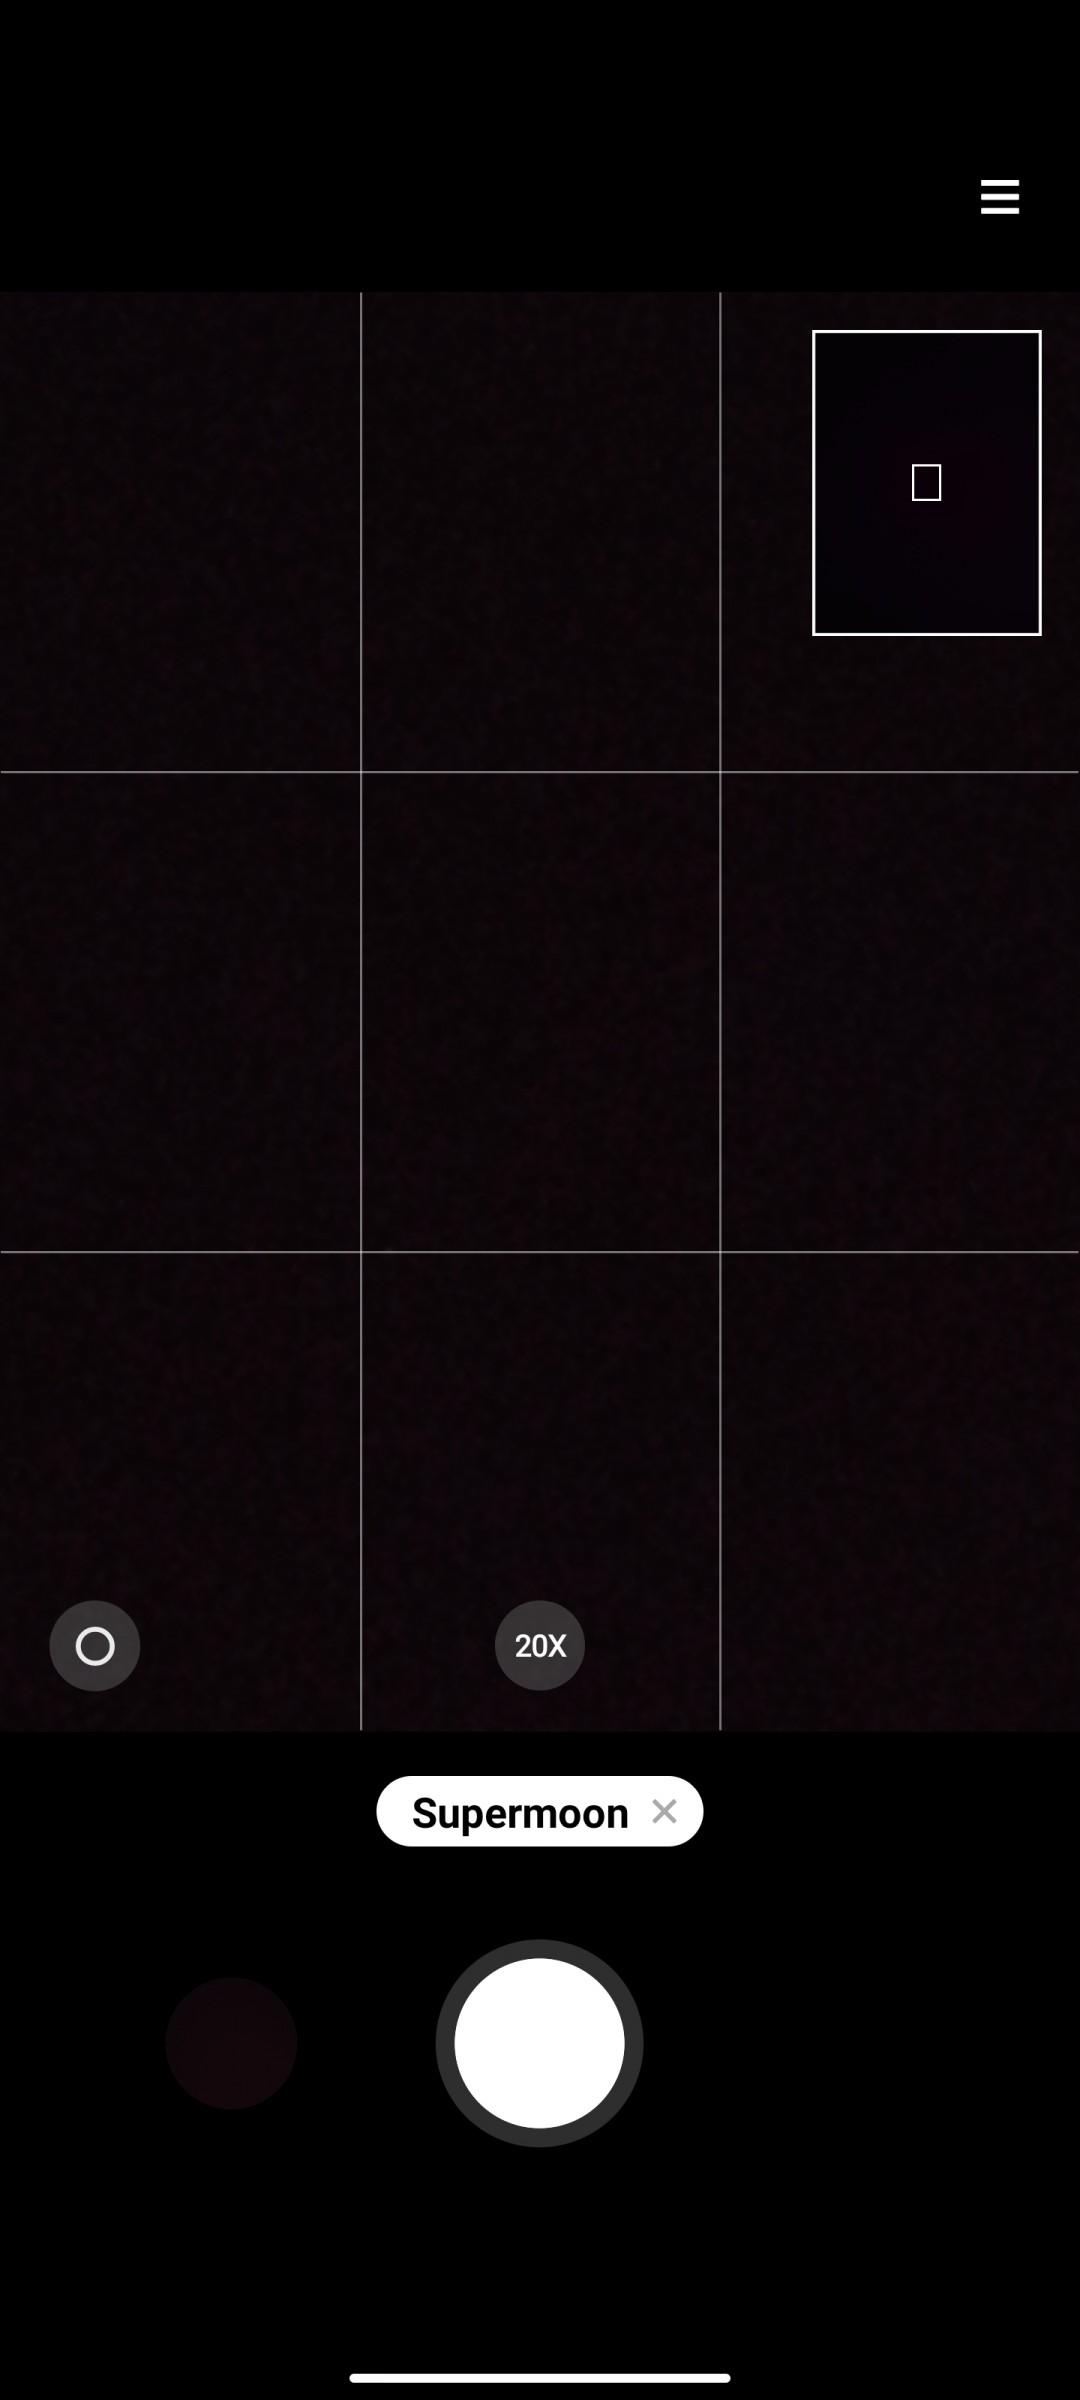 بررسی کامل و تخصصی گوشی می 11 اولترا شیائومی 101